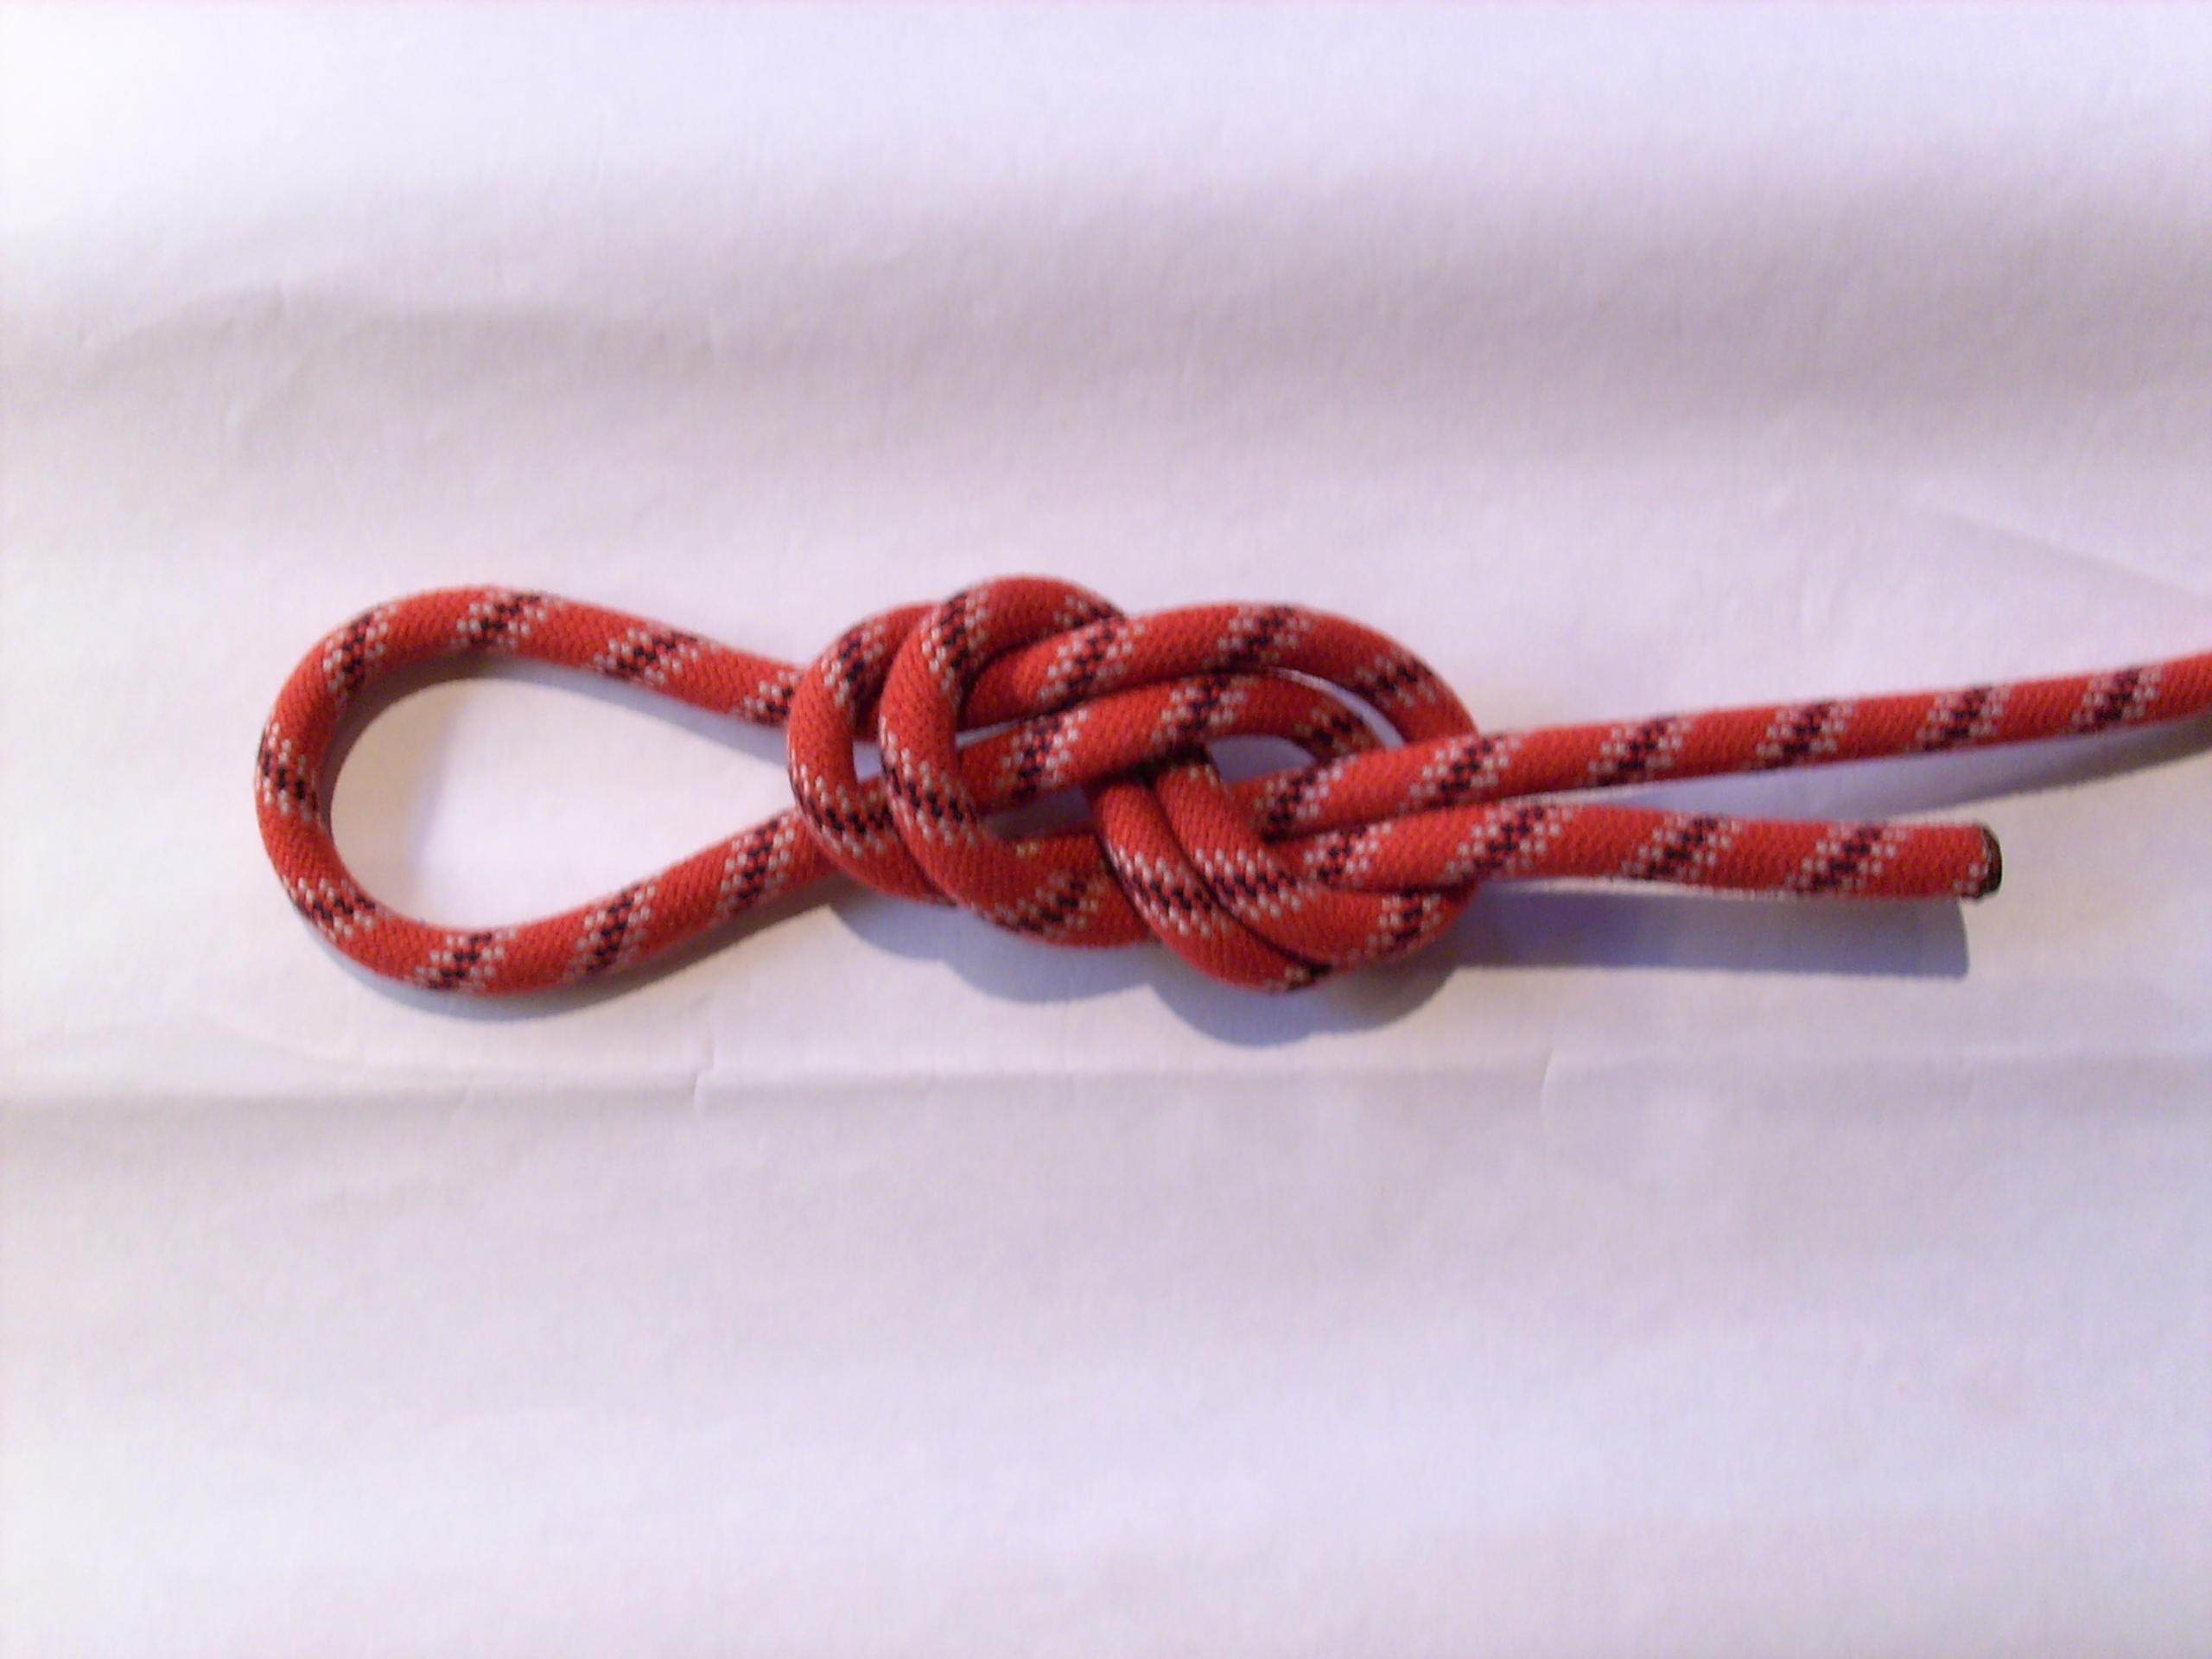 Klettergurt Für Mast : Achterknoten schlaufe u2013 wikipedia